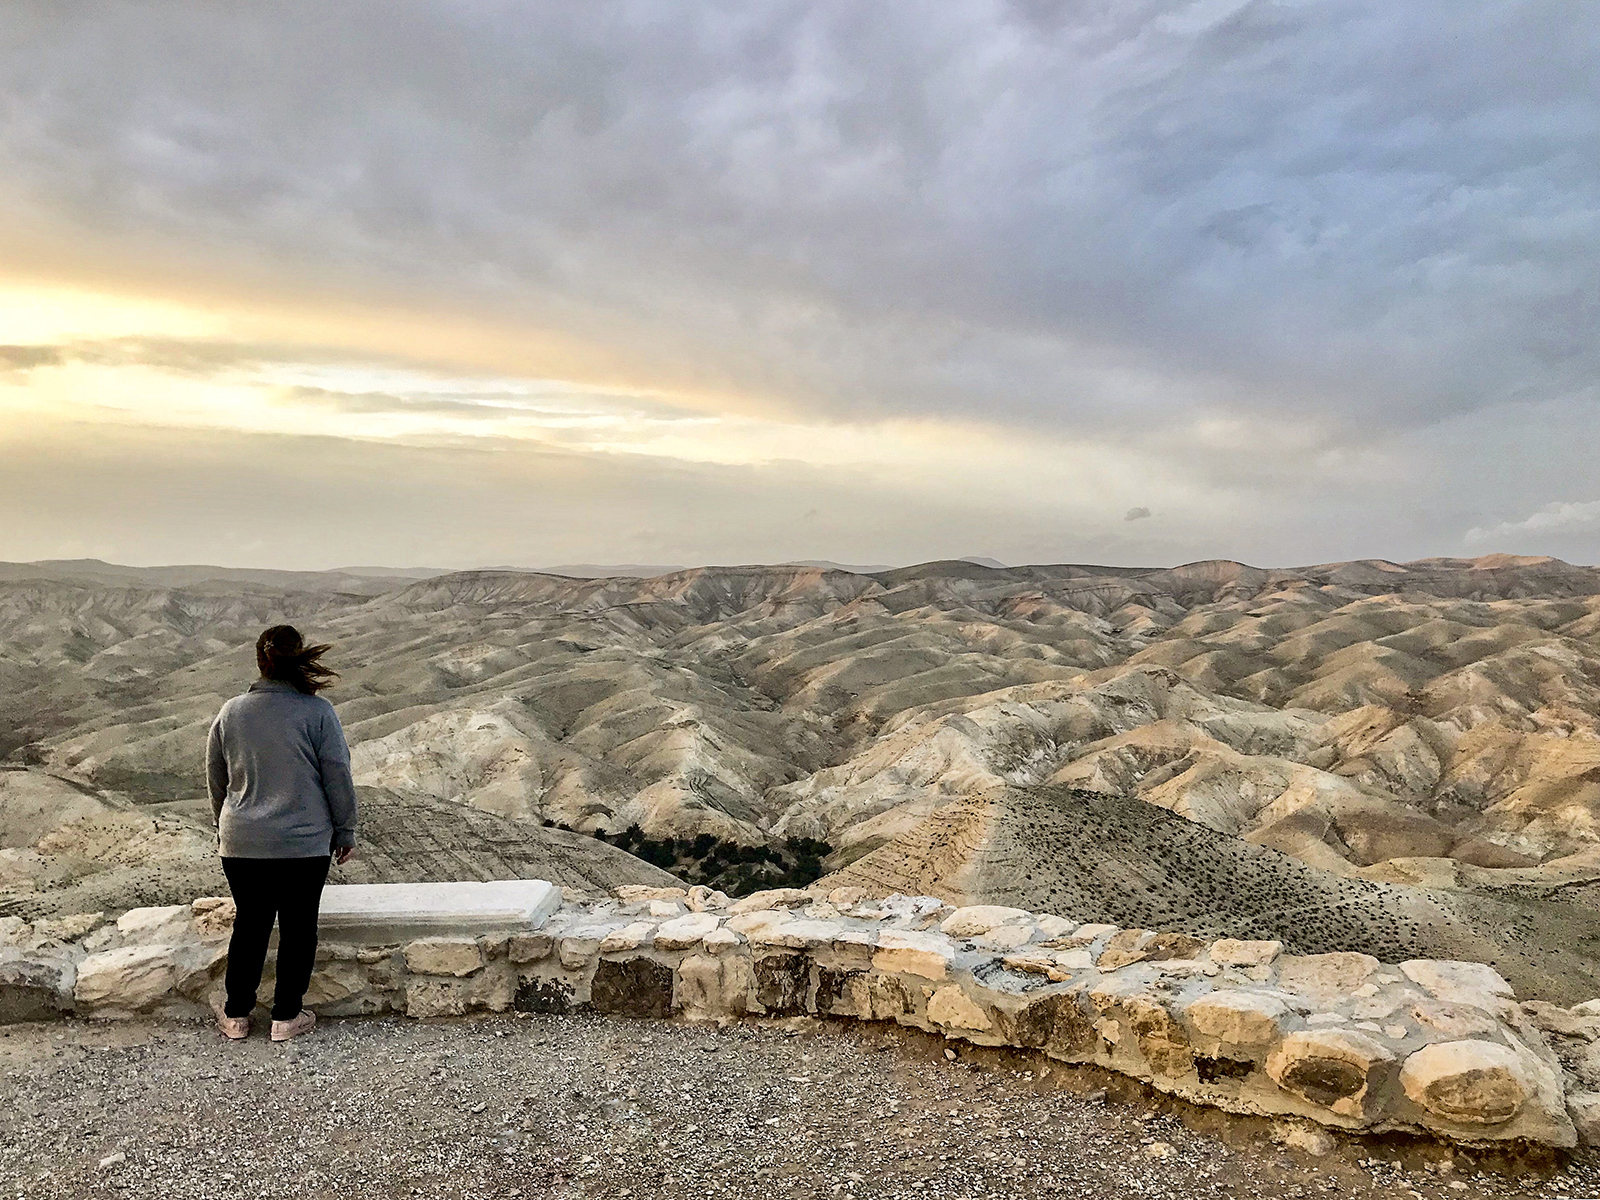 Chasing Sunset: Die 7 schönsten Sonnenuntergänge, die ich auf Reisen gesehen habe